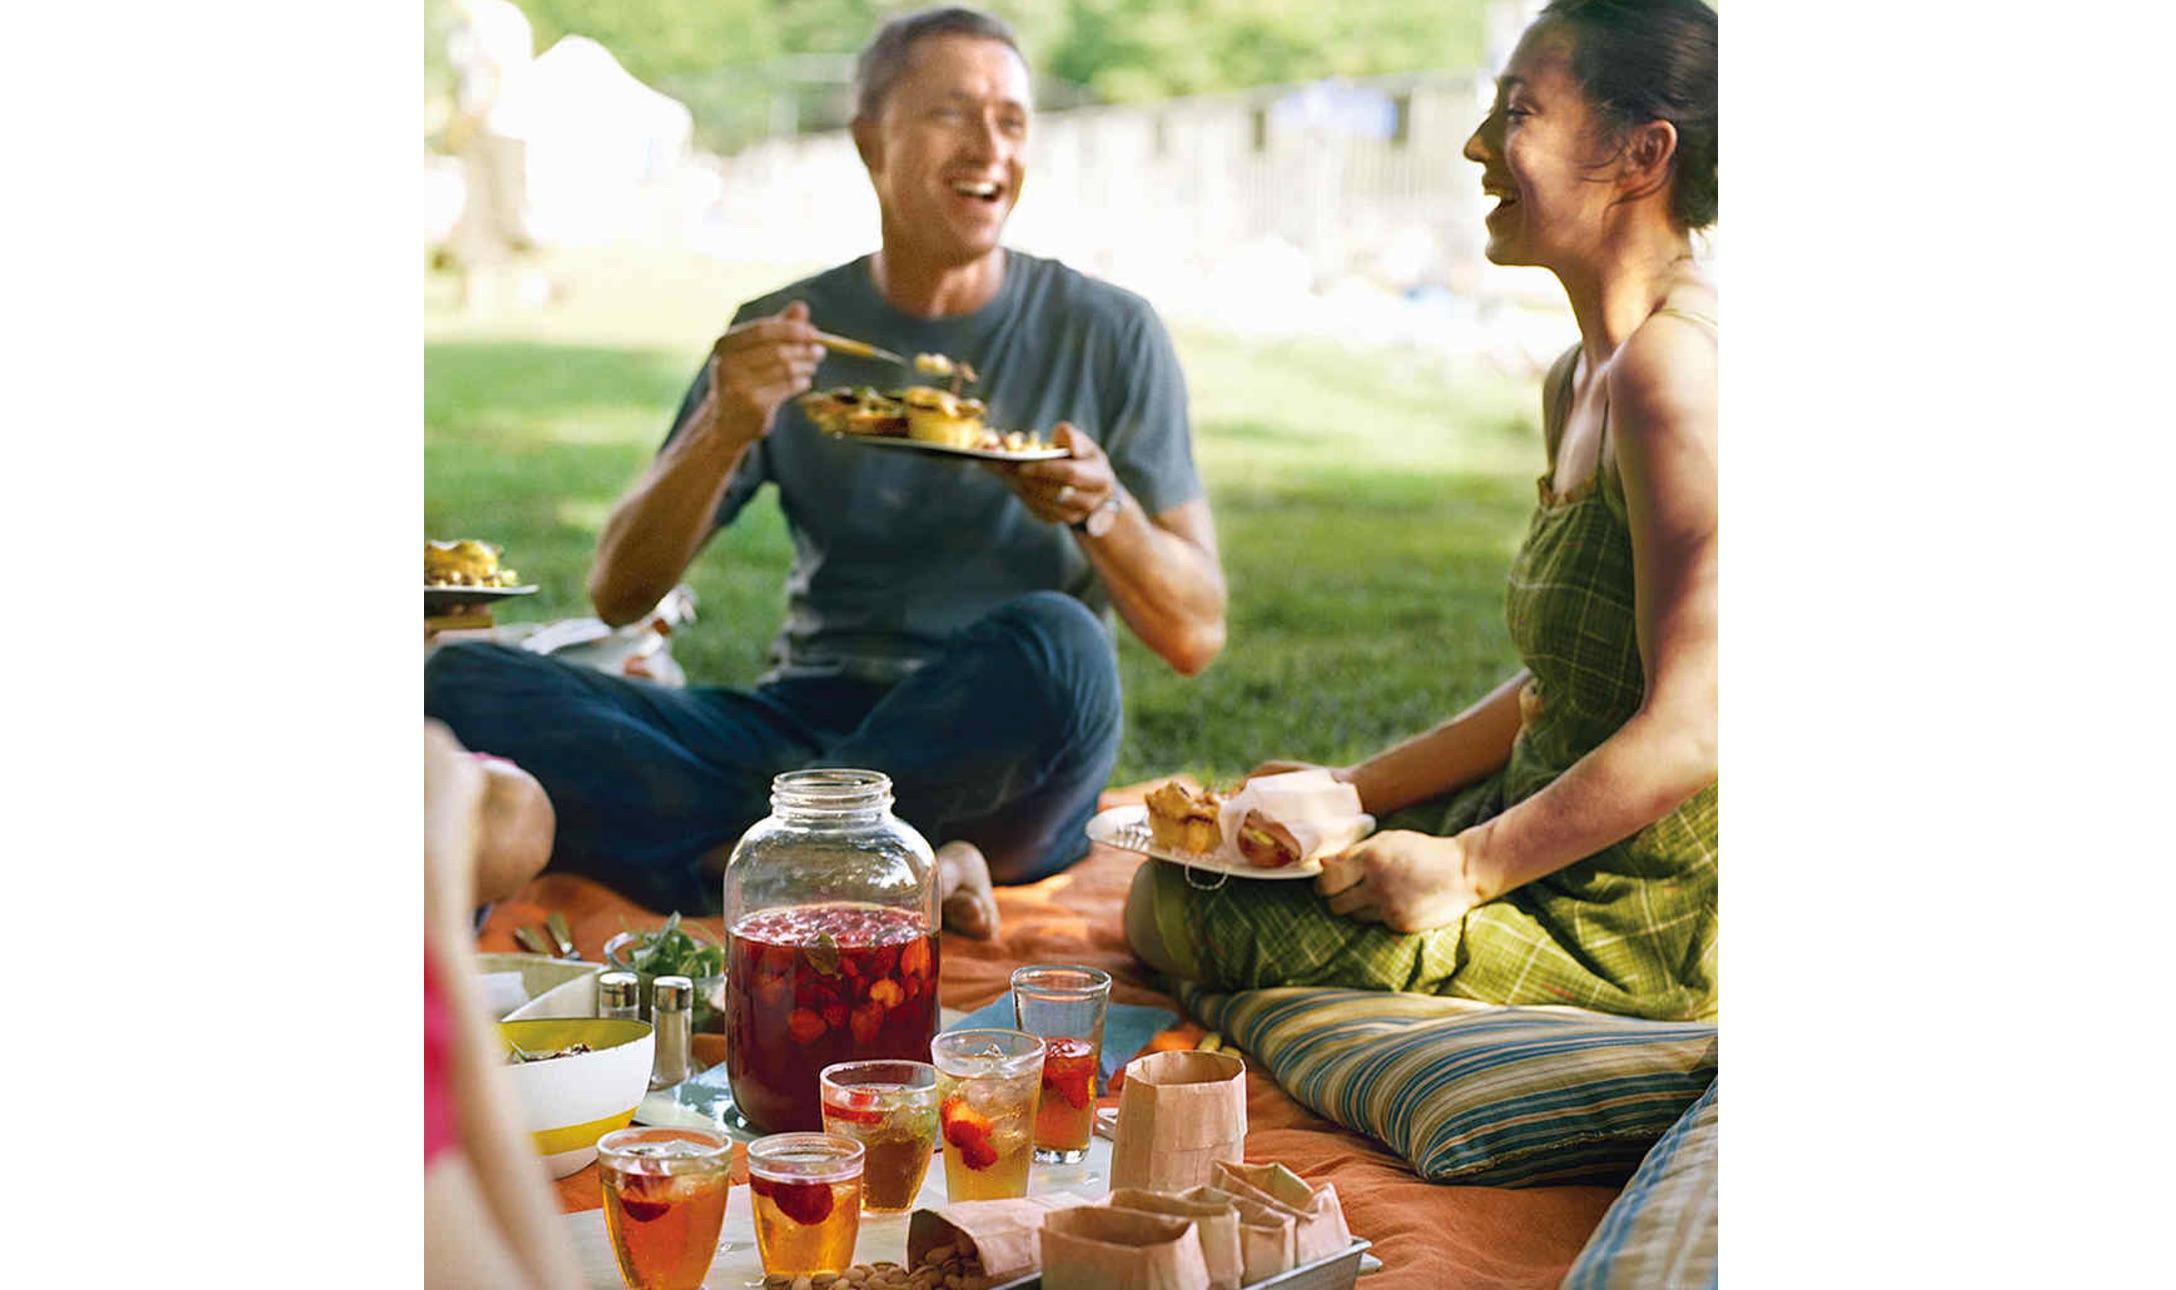 user-journey-picnic.jpg